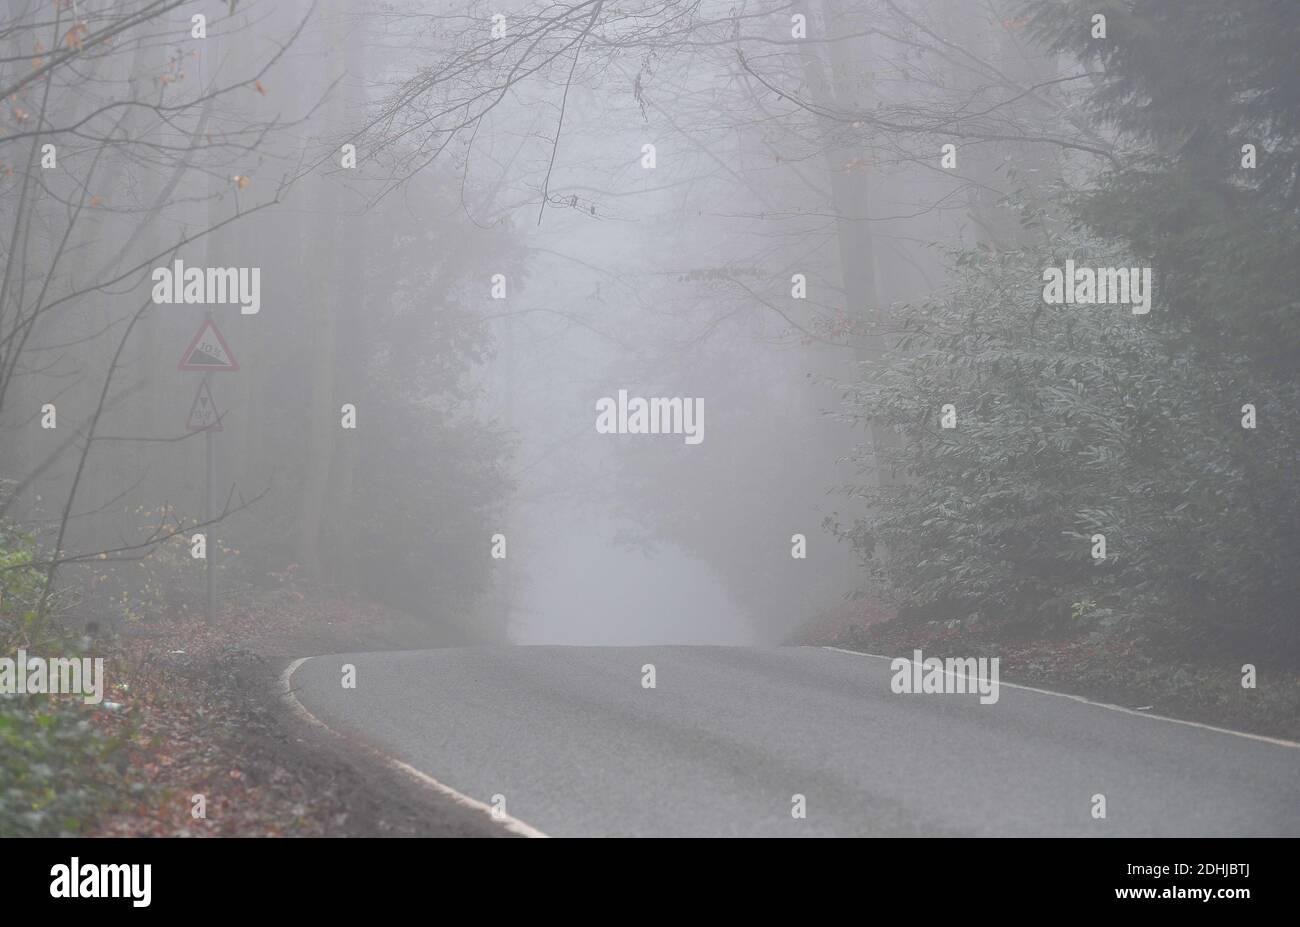 Imágenes de stock de niebla en el bosque - North Downs cerca de West Horsley, Surrey.- Dick Focks Common - Forestry Commission. La imagen muestra niebla, árboles, niebla a través de esta pintoresca zona de Surrey. Foto tomada el 7 de diciembre de 2020 Foto de stock